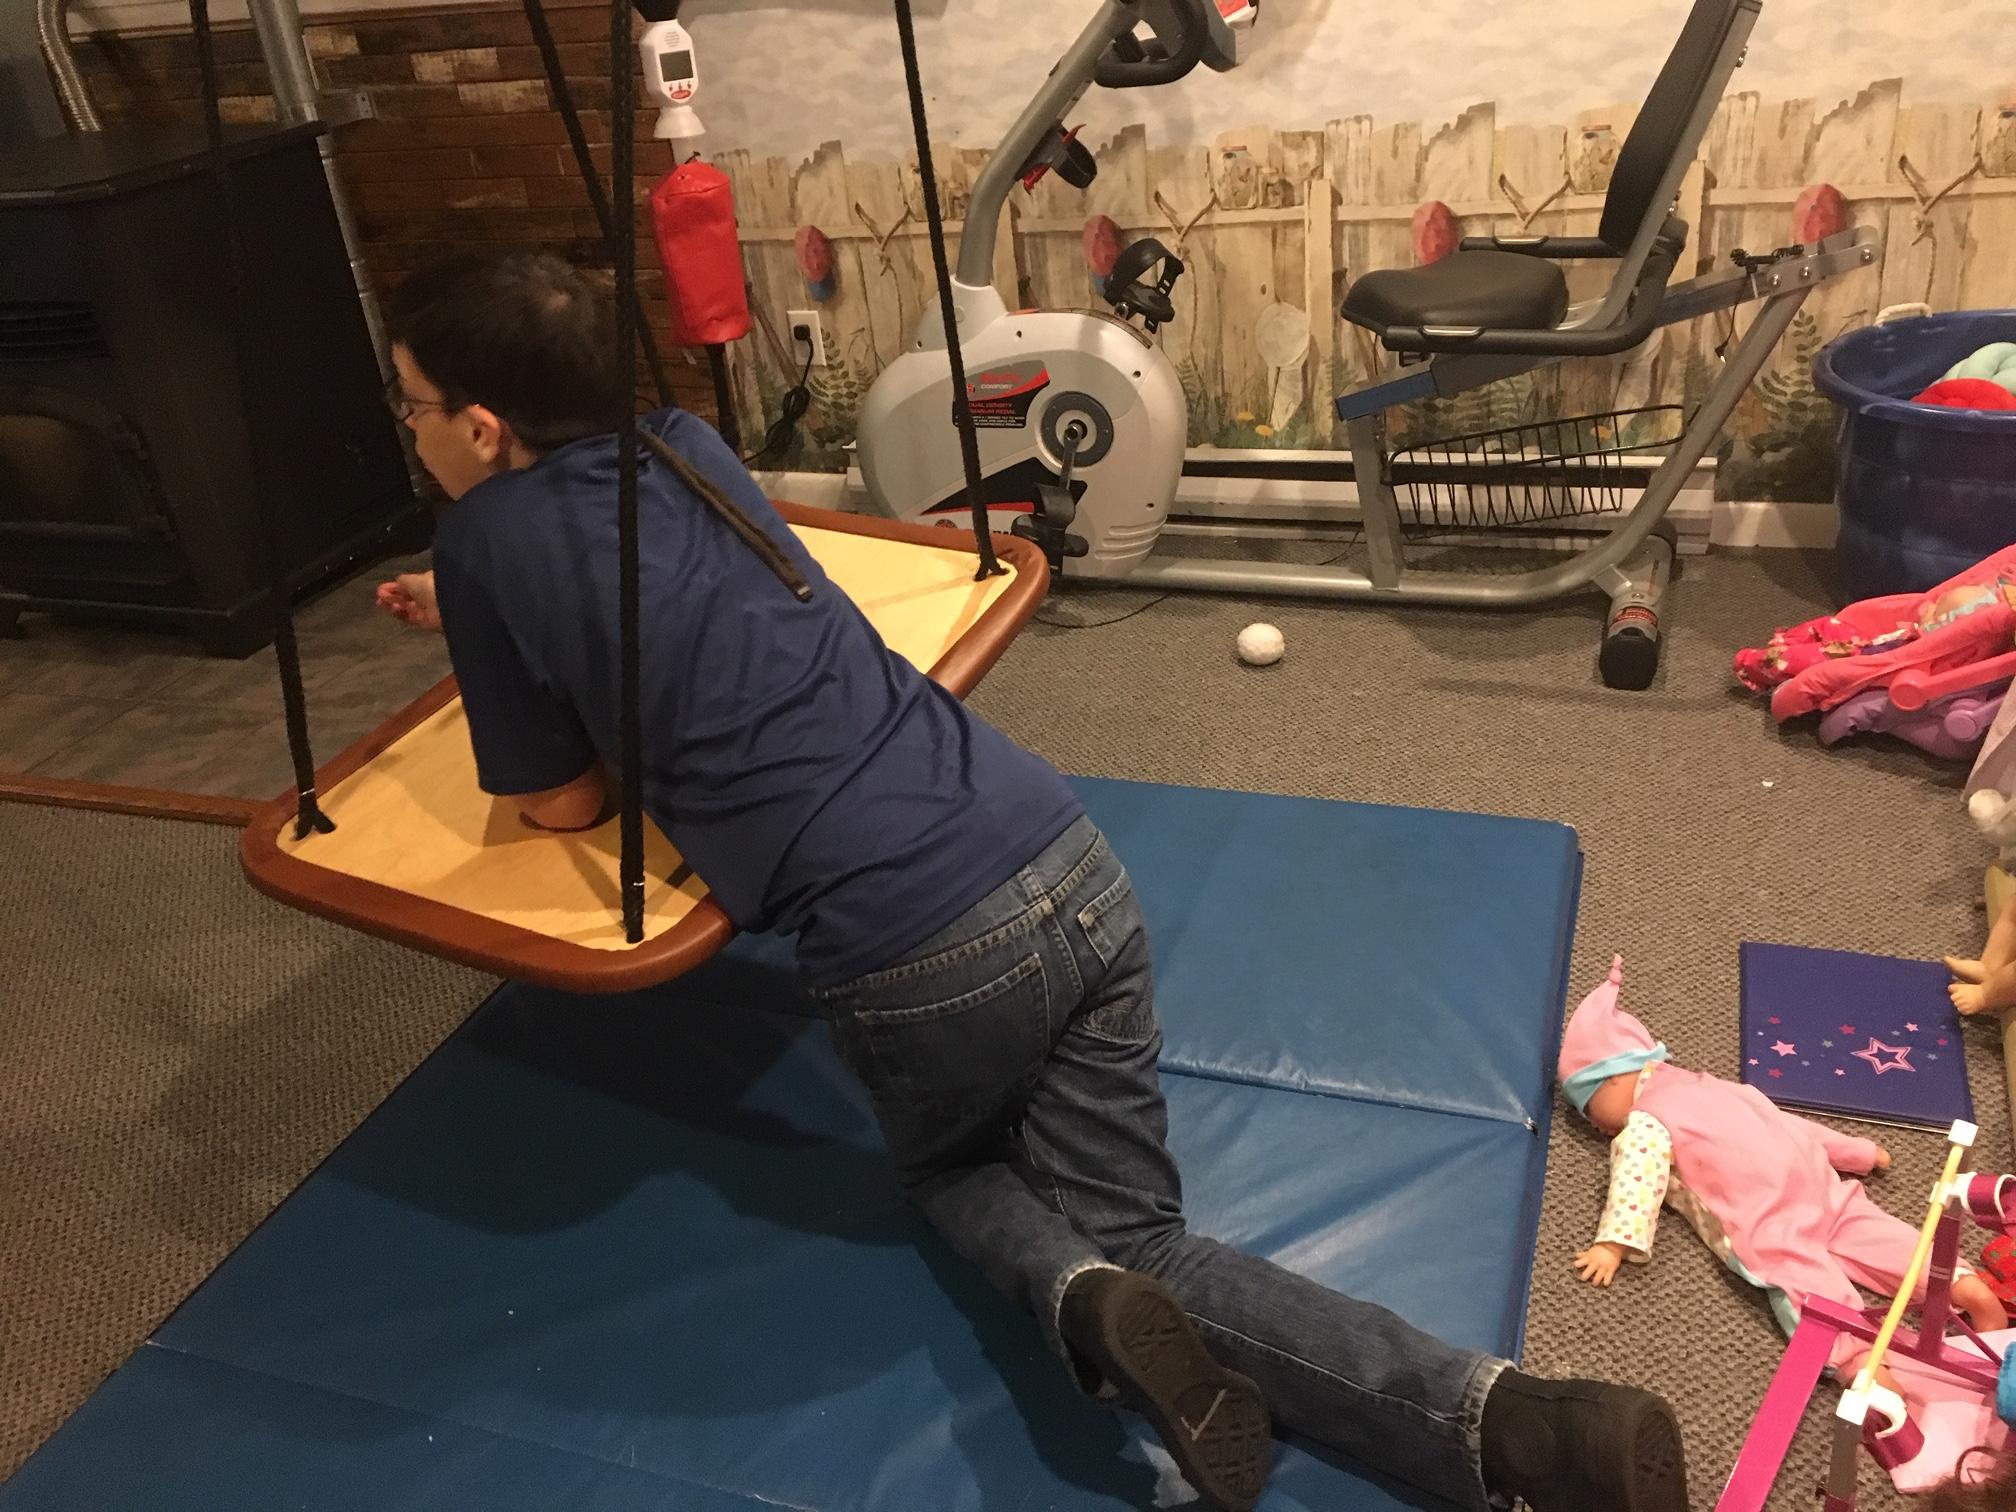 Dylan, 13, calms himself in his basement playroom